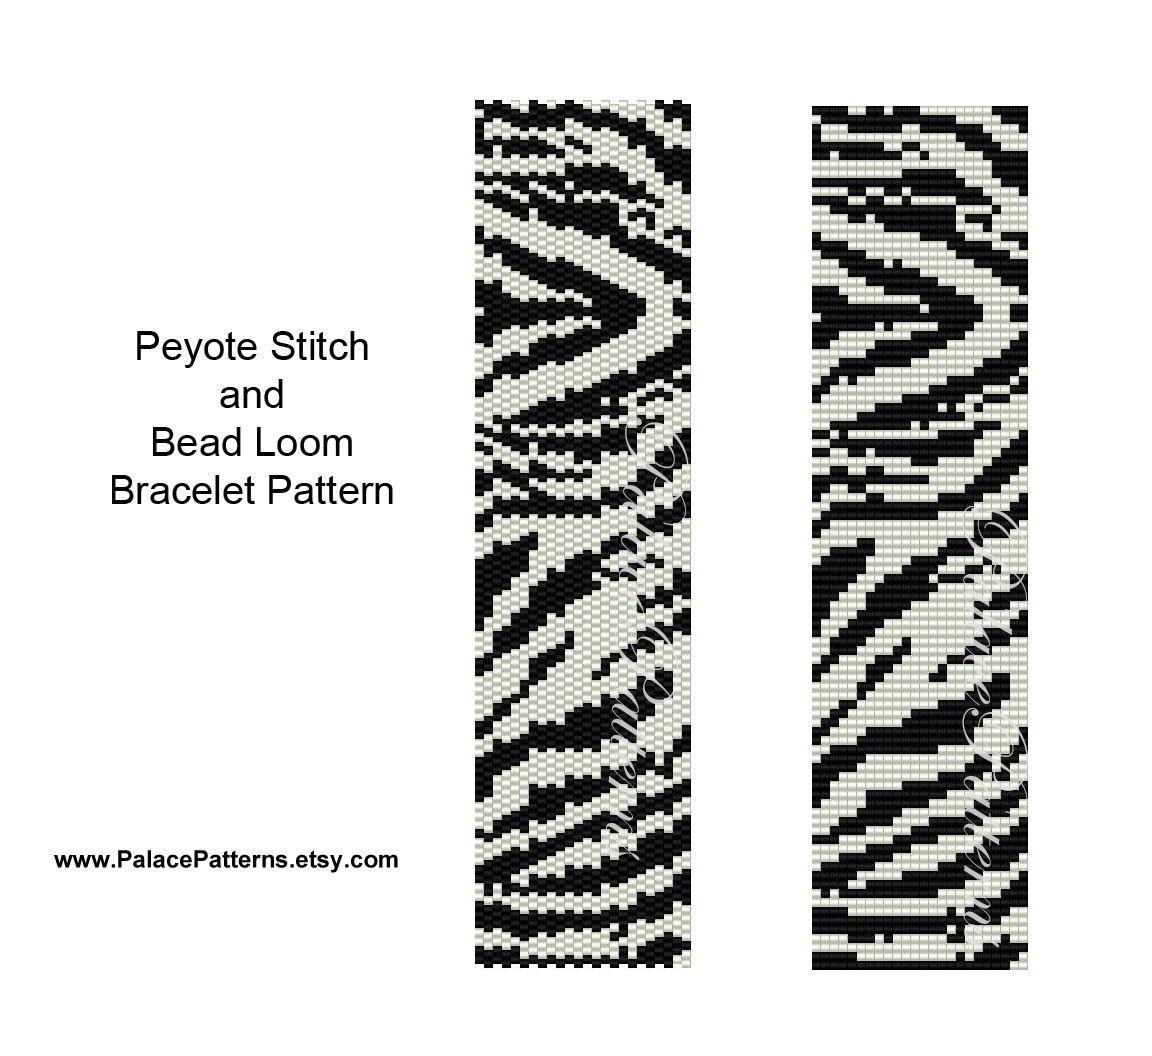 Zebra Stripes Bracelet Pattern for Peyote Stitch by PalacePatterns